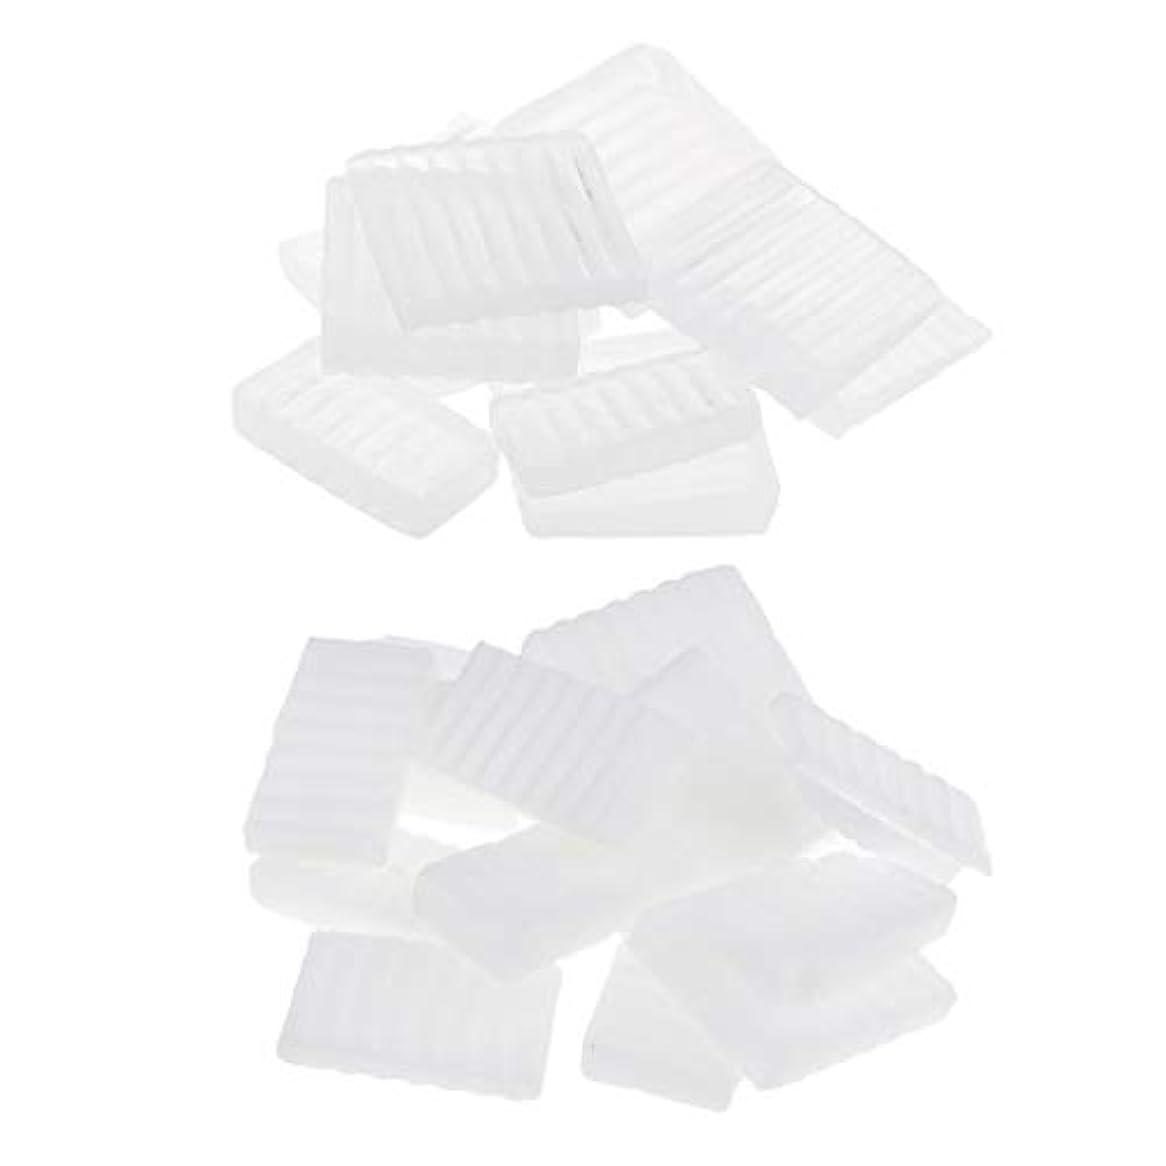 ティームヒント夜間D DOLITY 石鹸作り 1000g 白色 石鹸ベース DIY ハンドメイド 石鹸材料